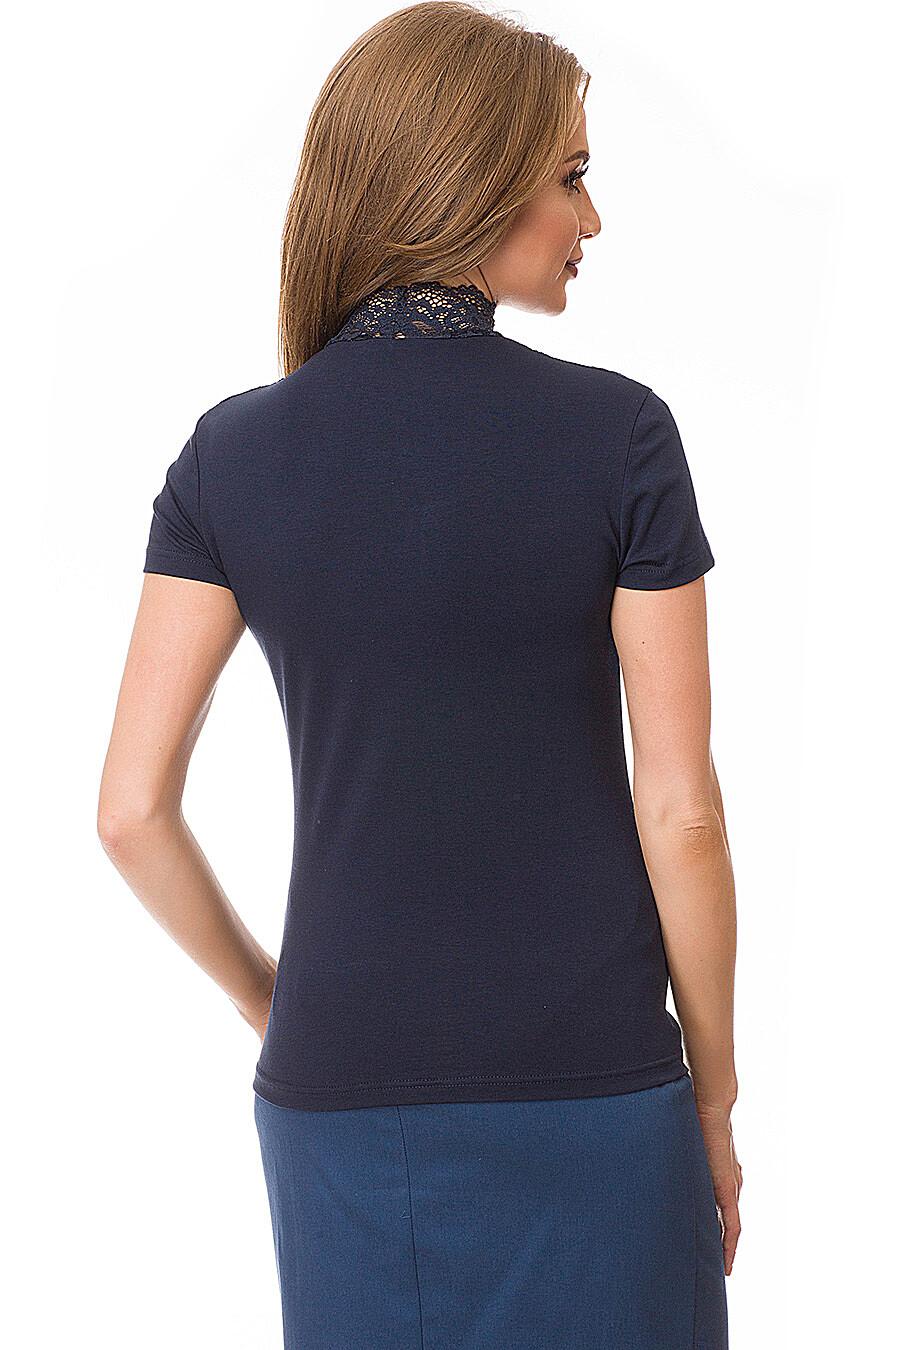 Блузка FOUR STYLES (119756), купить в Moyo.moda